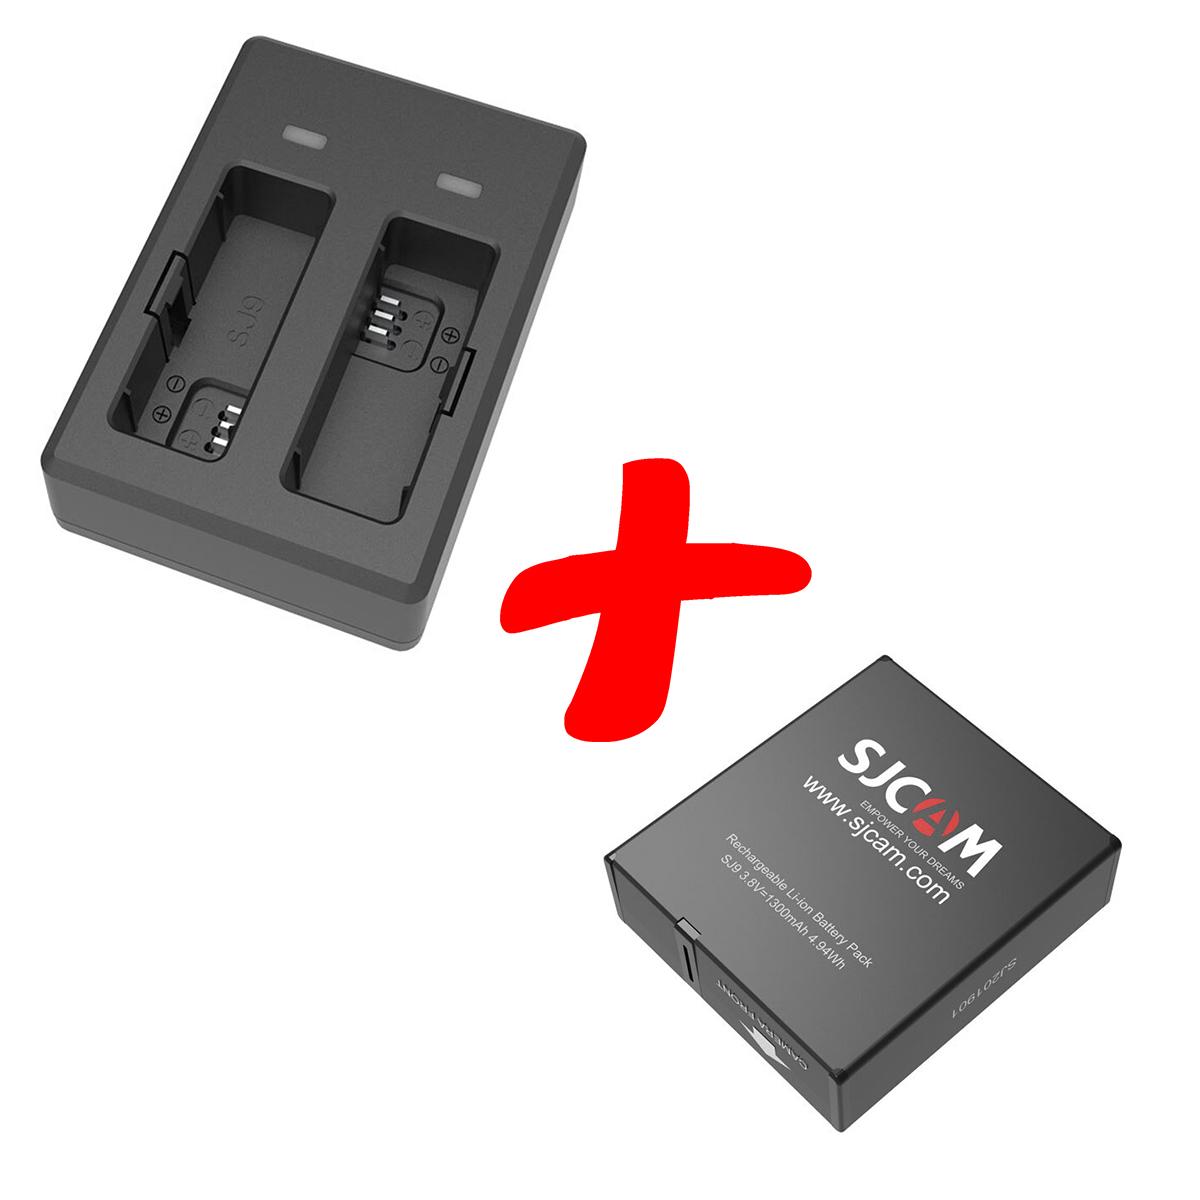 Kit Carregador Duplo com Uma Bateria - SJCAM SJ9 e SJ10